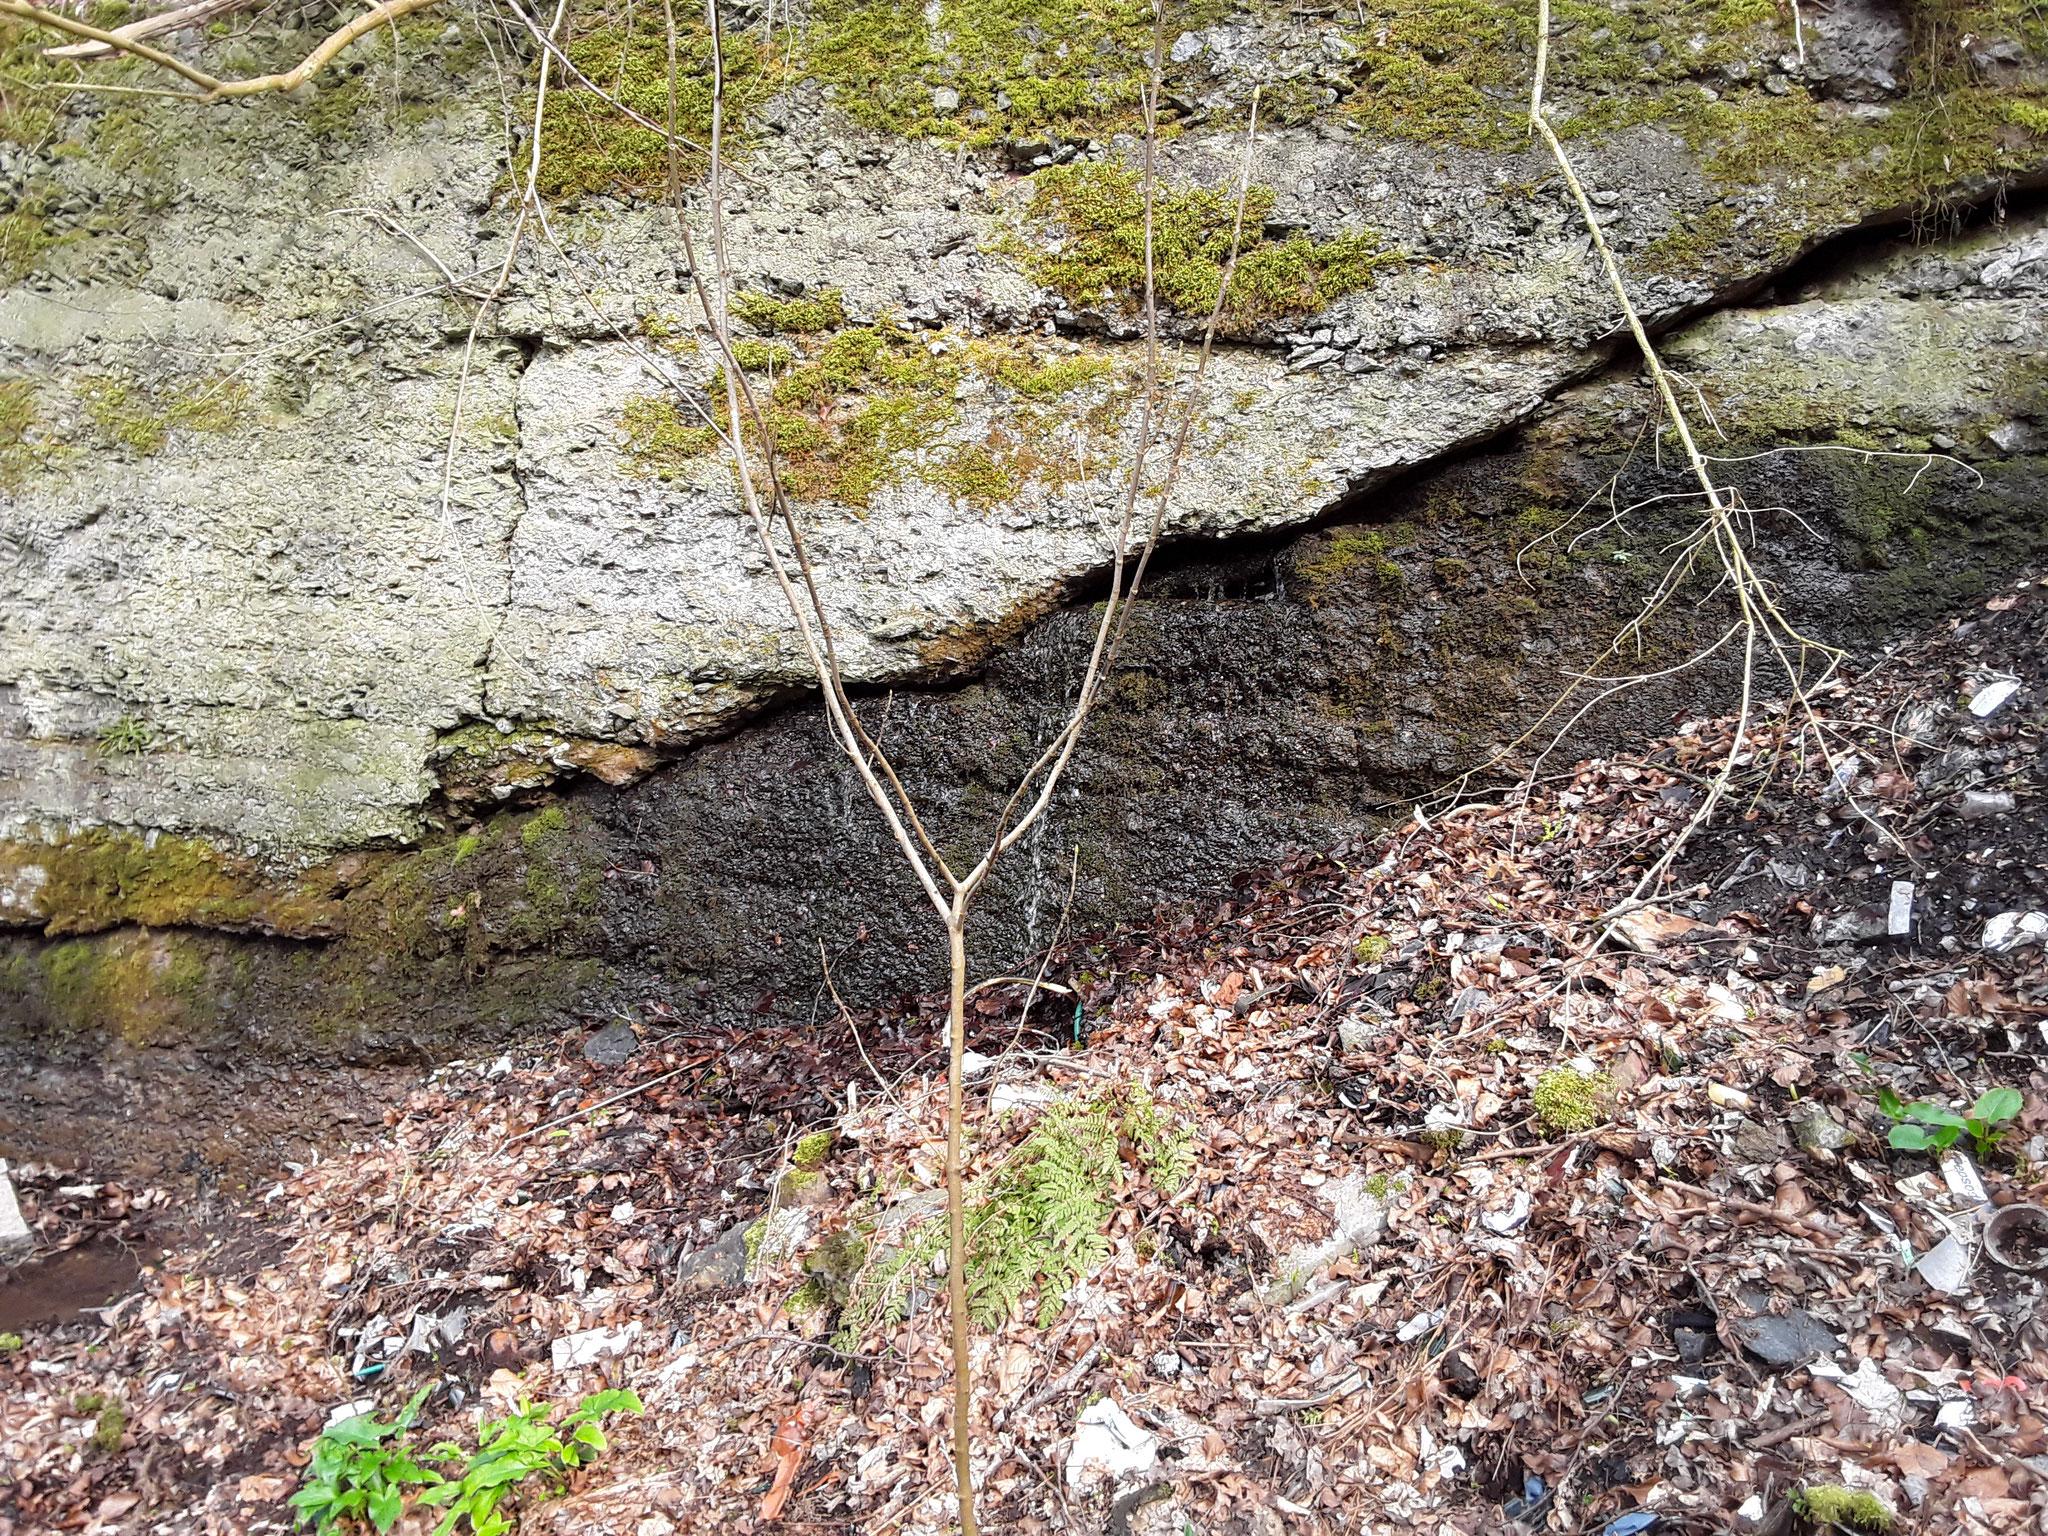 Das Grubenwasser das weiter oben austritt sickert durch die Halde und tritt hier aus